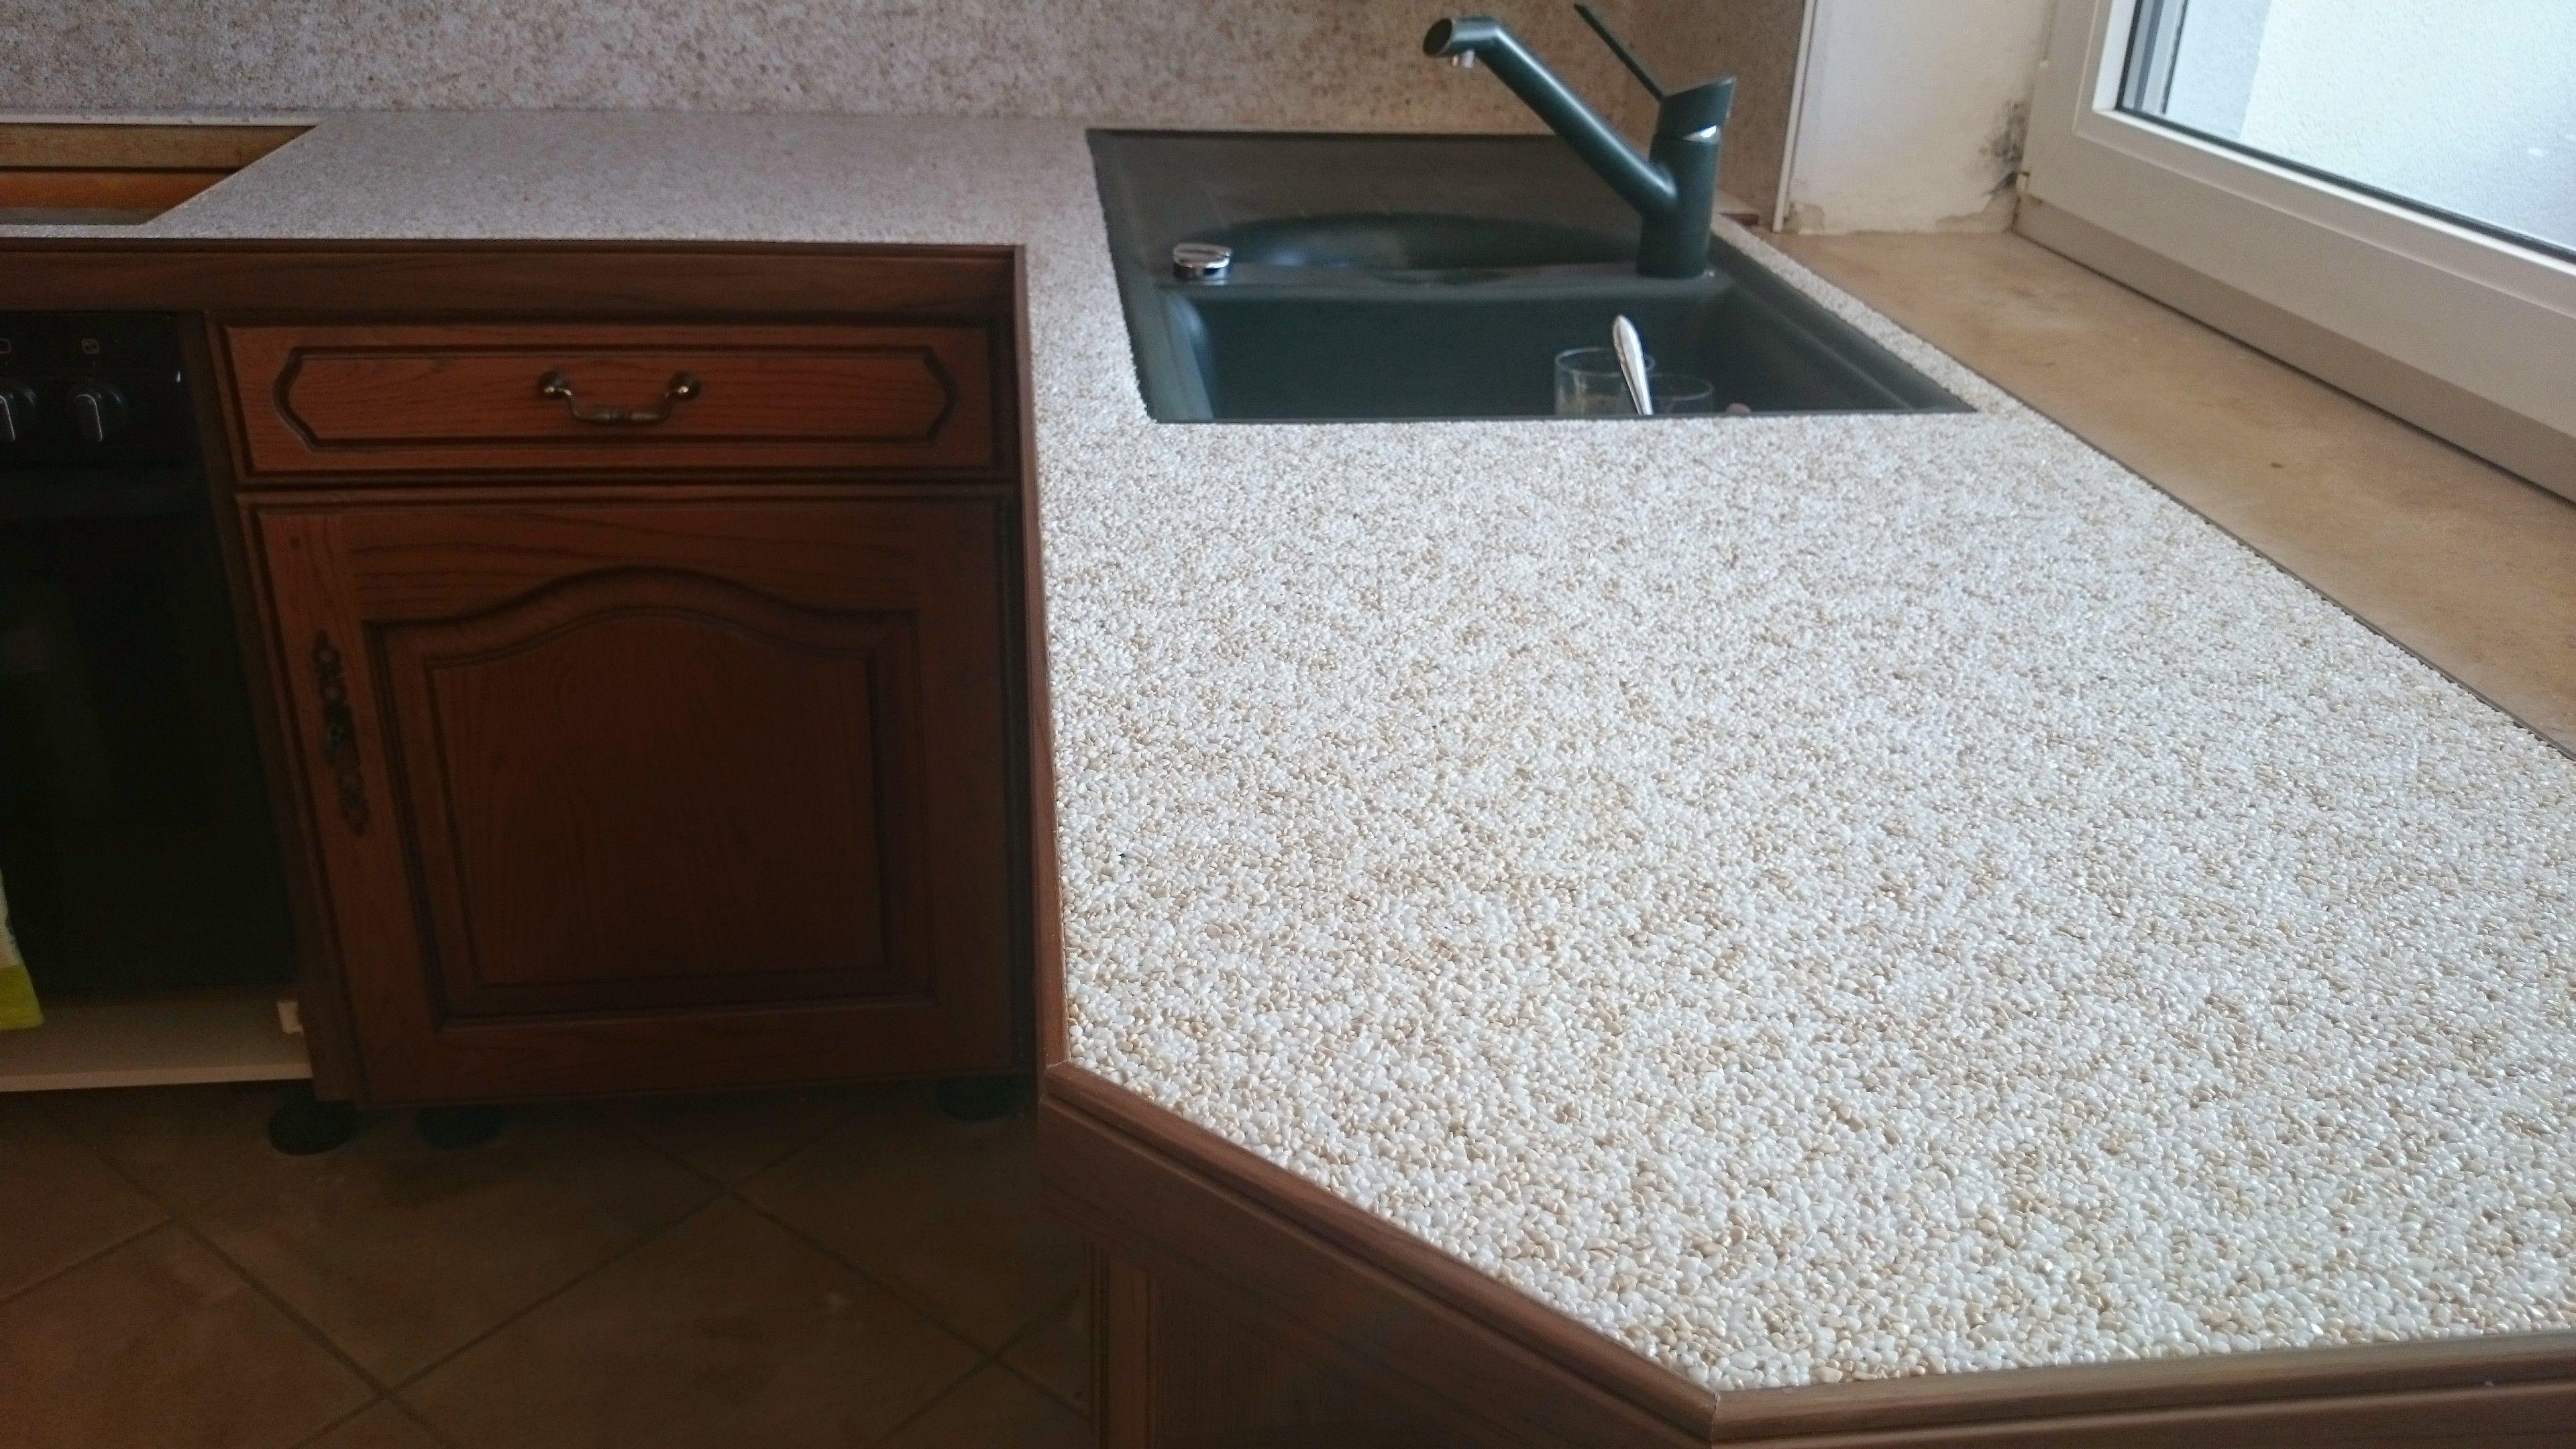 Kuchen Arbeitsplatten Sanierung Mit Marmorkies Steinteppich Und Unserem Arbeitsplatten Sonderprofil Meyer Spanndecken Beschich Spanndecken Marmorkies Teppich